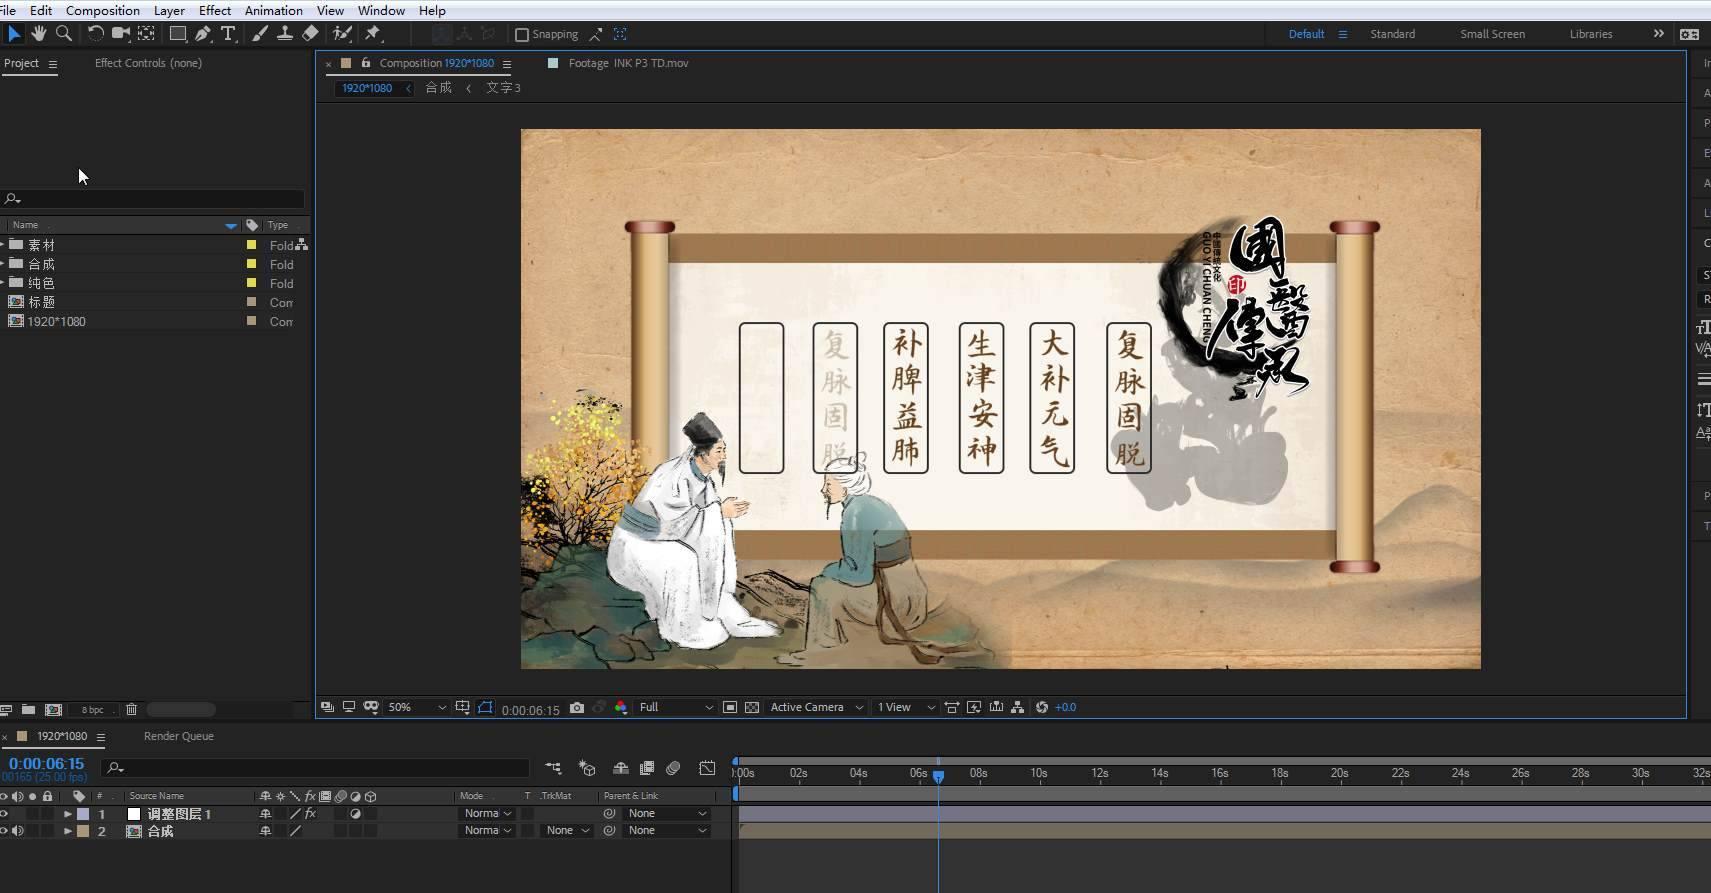 中医中草药养生文化水墨片头AE模板 logo/片头-第2张